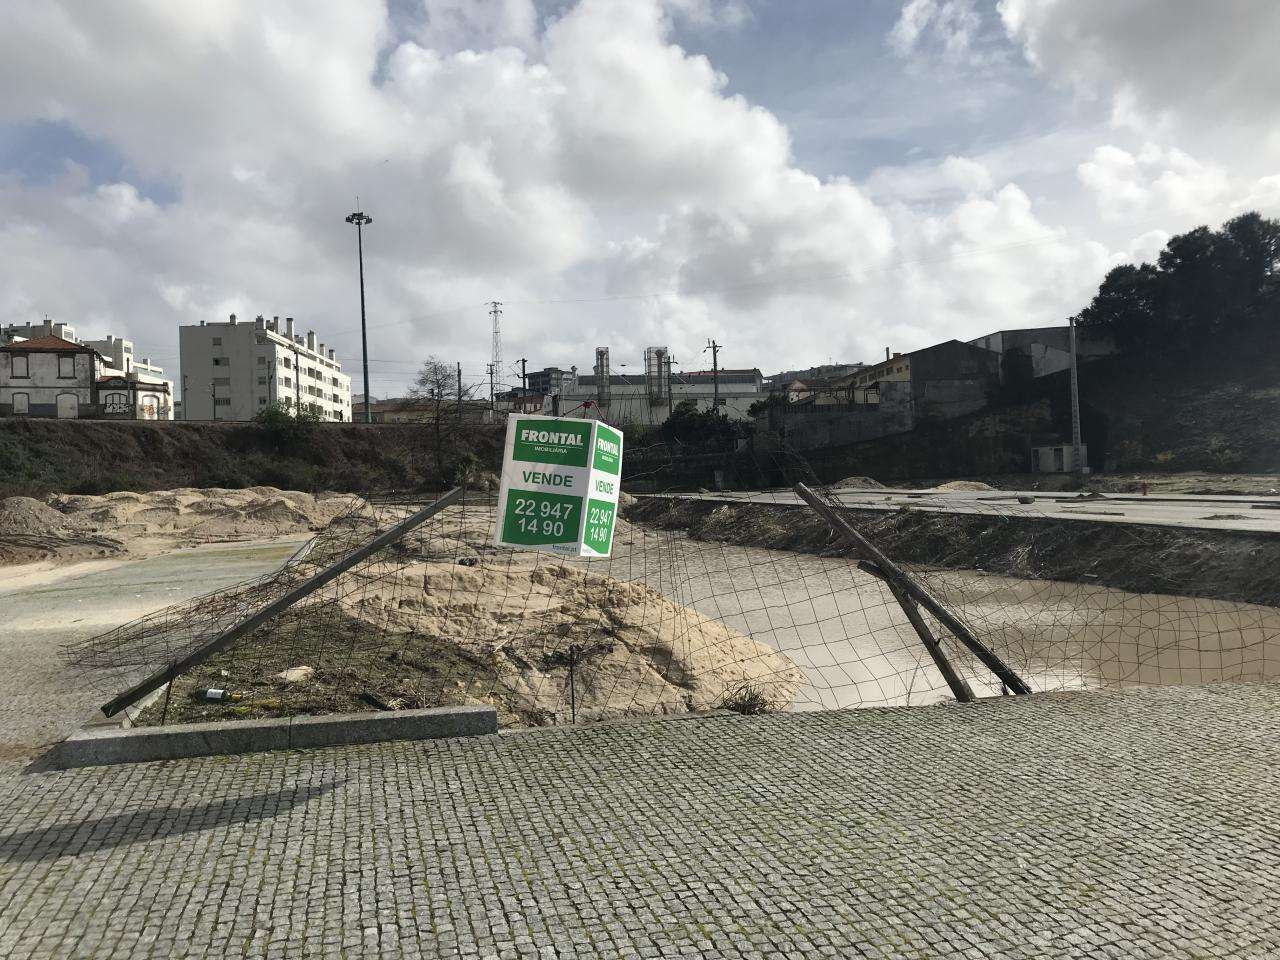 Terreno para comprar, Águas Santas, Porto - Foto 1